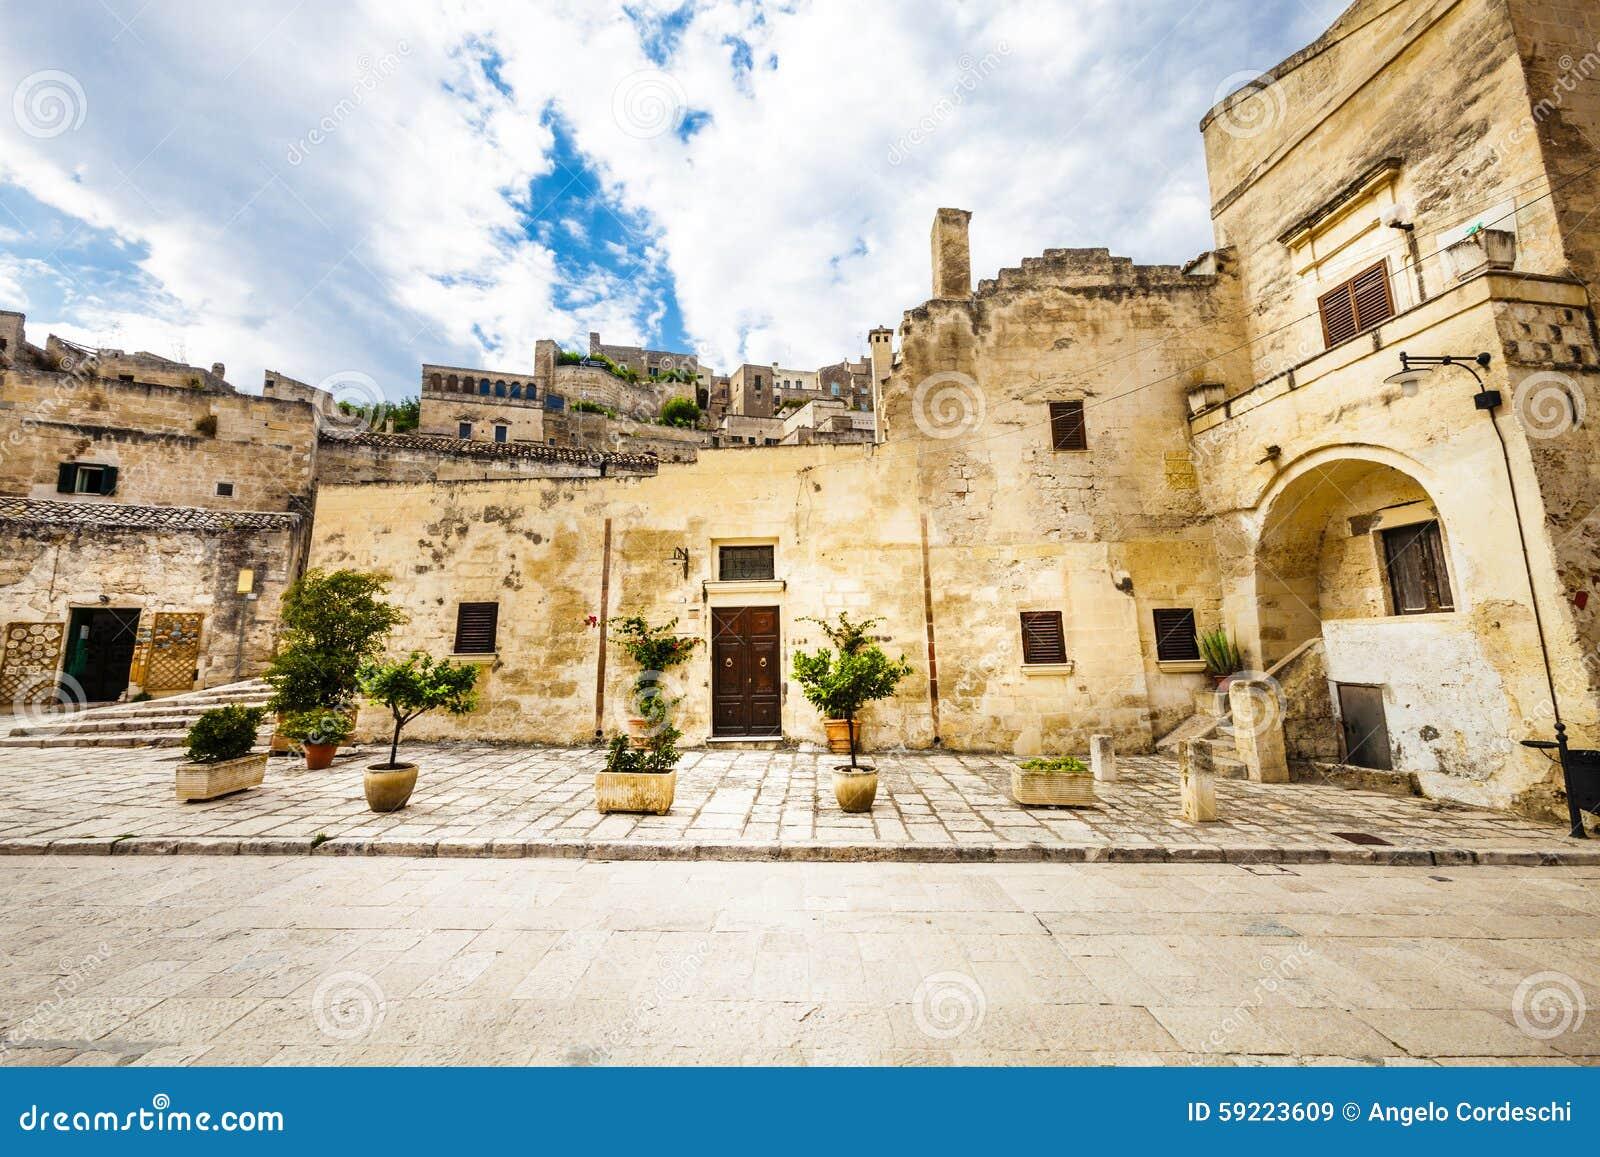 Old Italian Stone Buildings Matera Italy Stock Photo